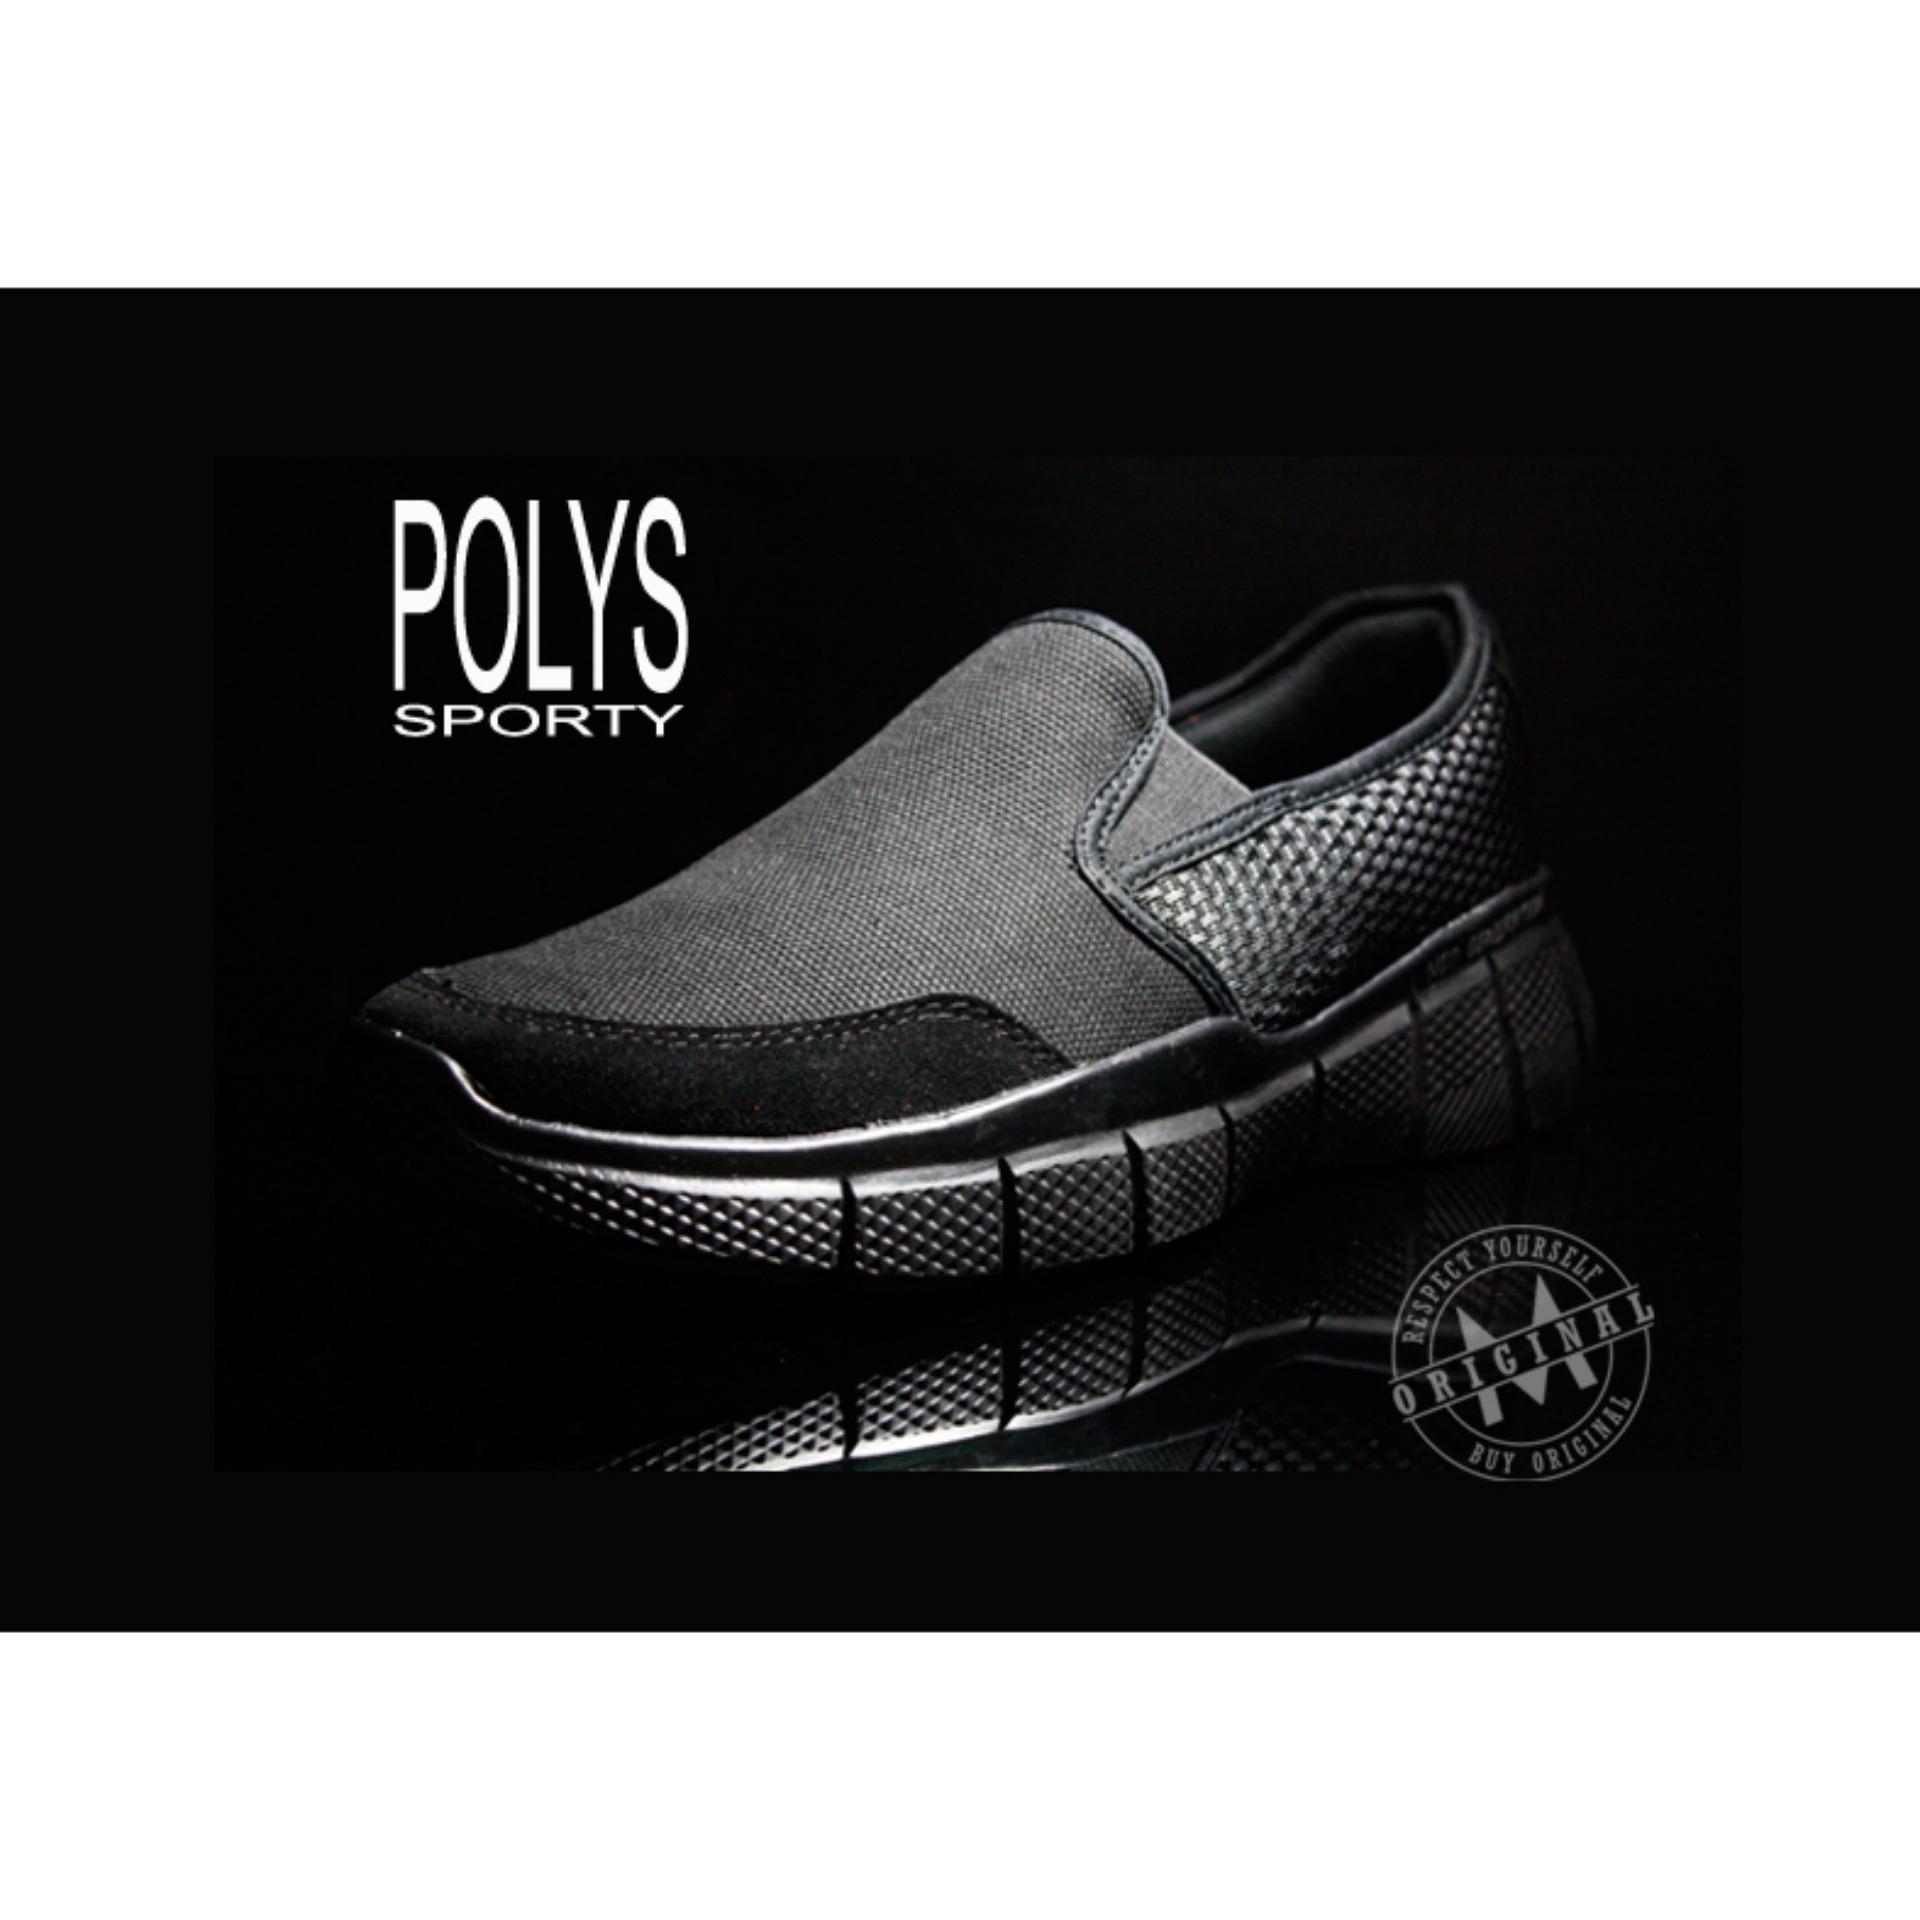 Toko Sepatu Casual Ardiles Pria Polys Hitam 39 43 Terlengkap